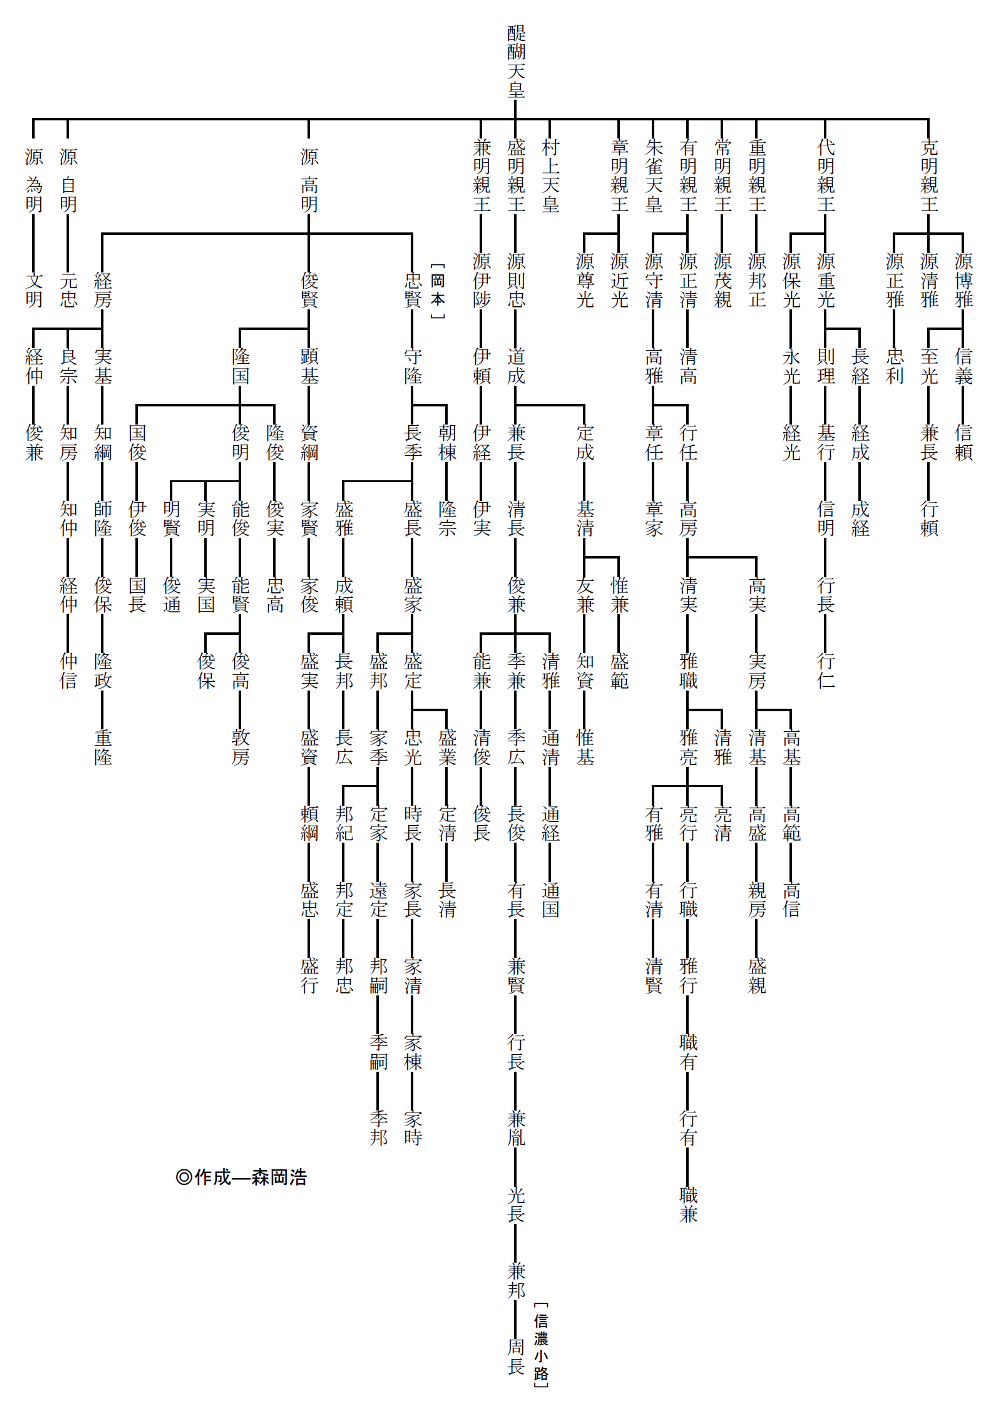 家 系図 daigo